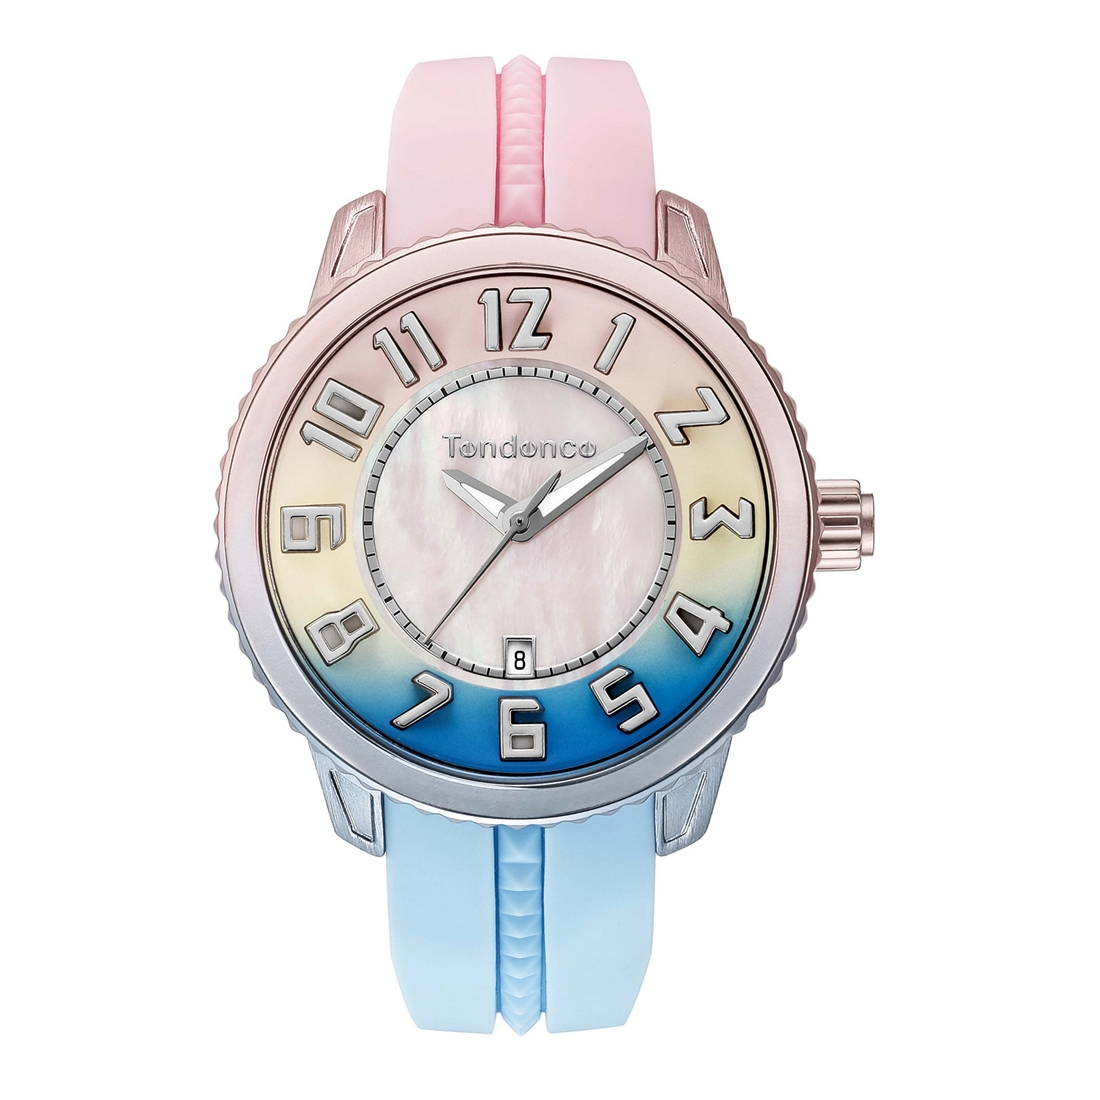 【今ならオーバーサイズノートプレゼント】 テンデンス Tendence TY933003 ディカラー スプリングサンセット 正規品 腕時計